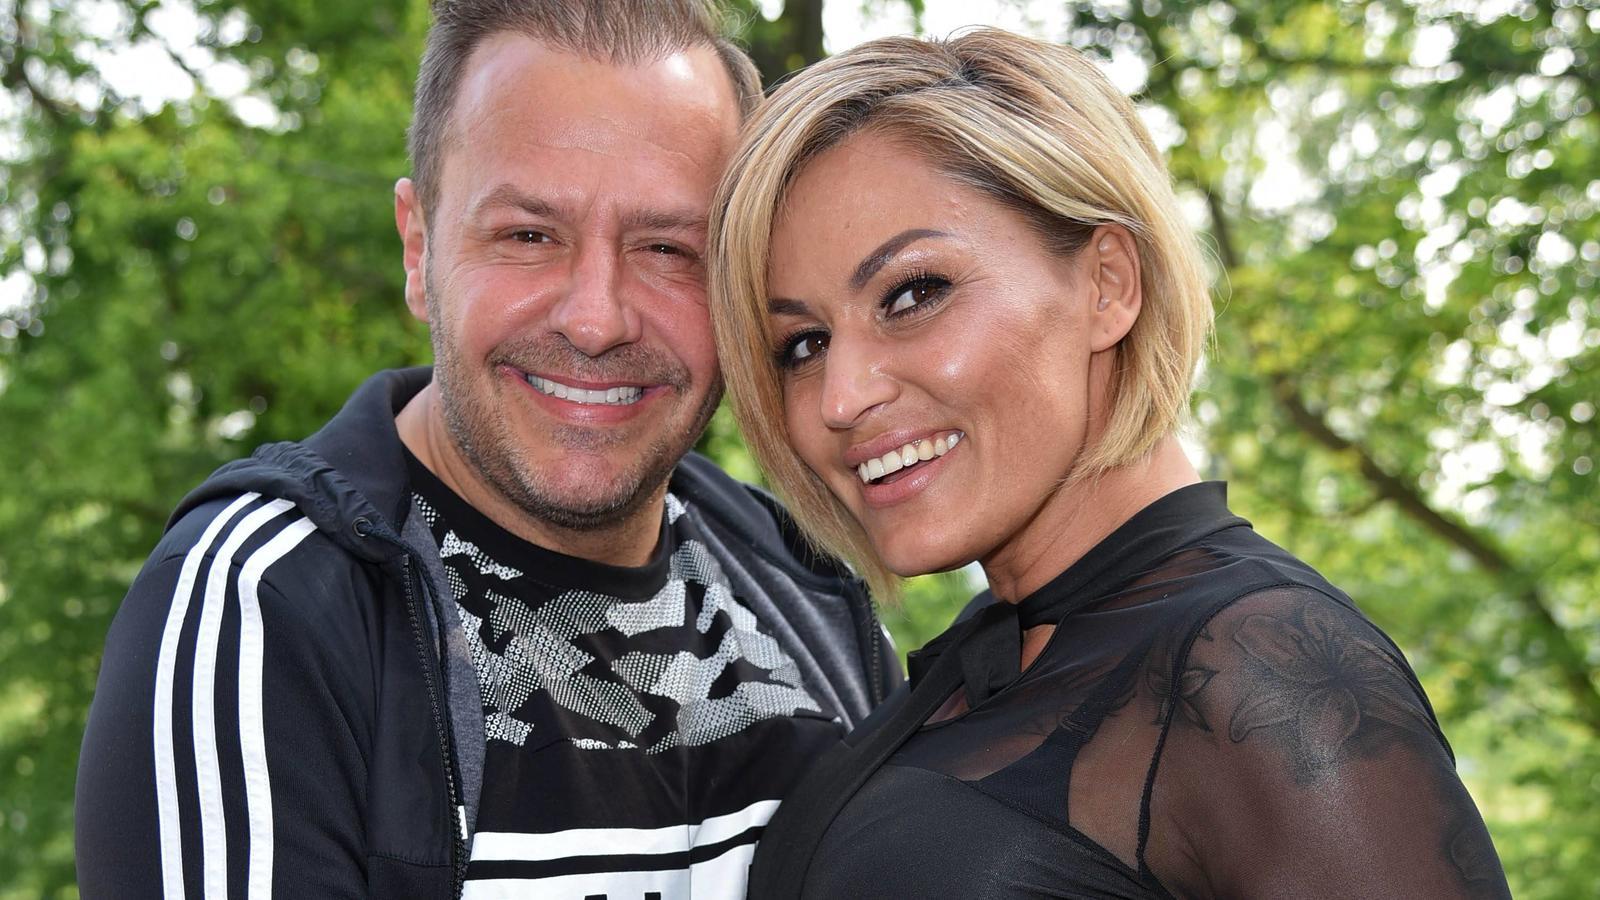 Archivbild aus dem Jahr 2019: Hier waren Willi Herren und seine Jasmin noch ein glückliches Paar.